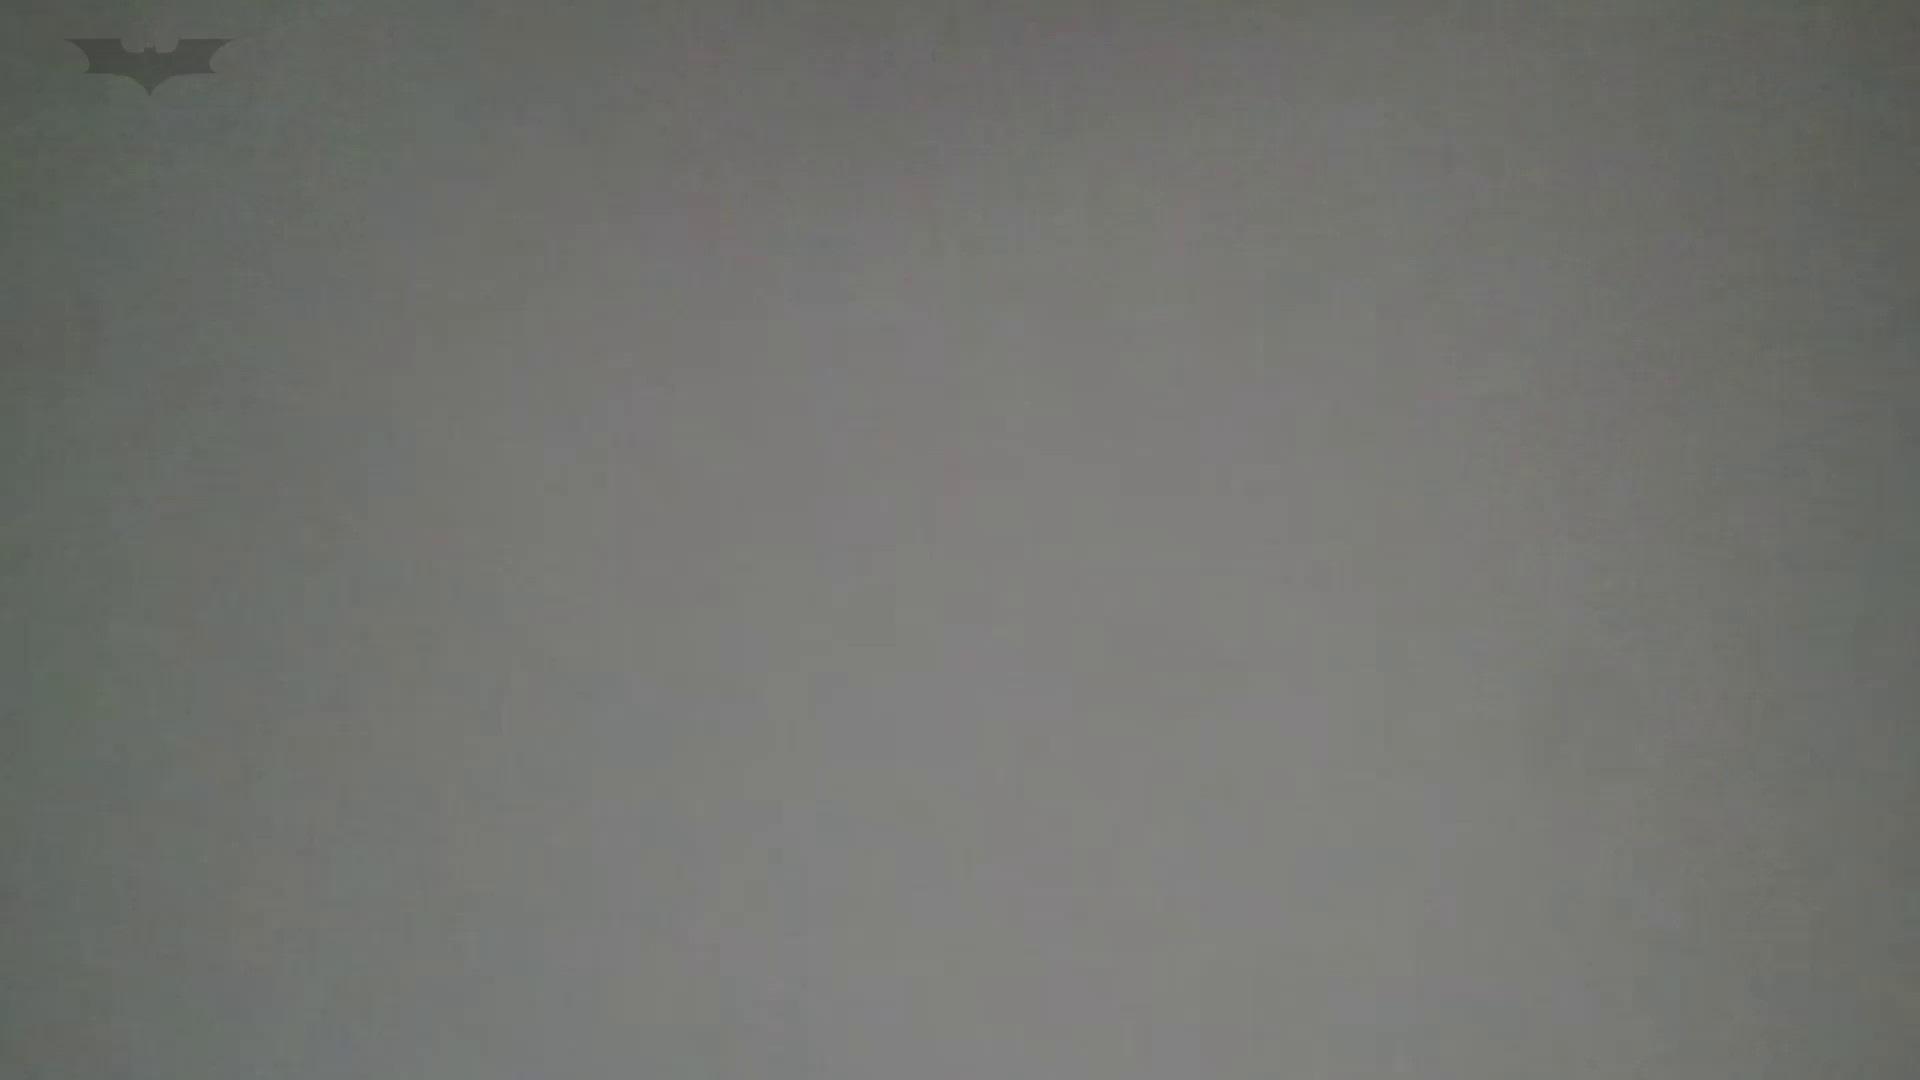 化粧室絵巻 番外編 VOL.23 美肌 オメコ動画キャプチャ 110画像 3